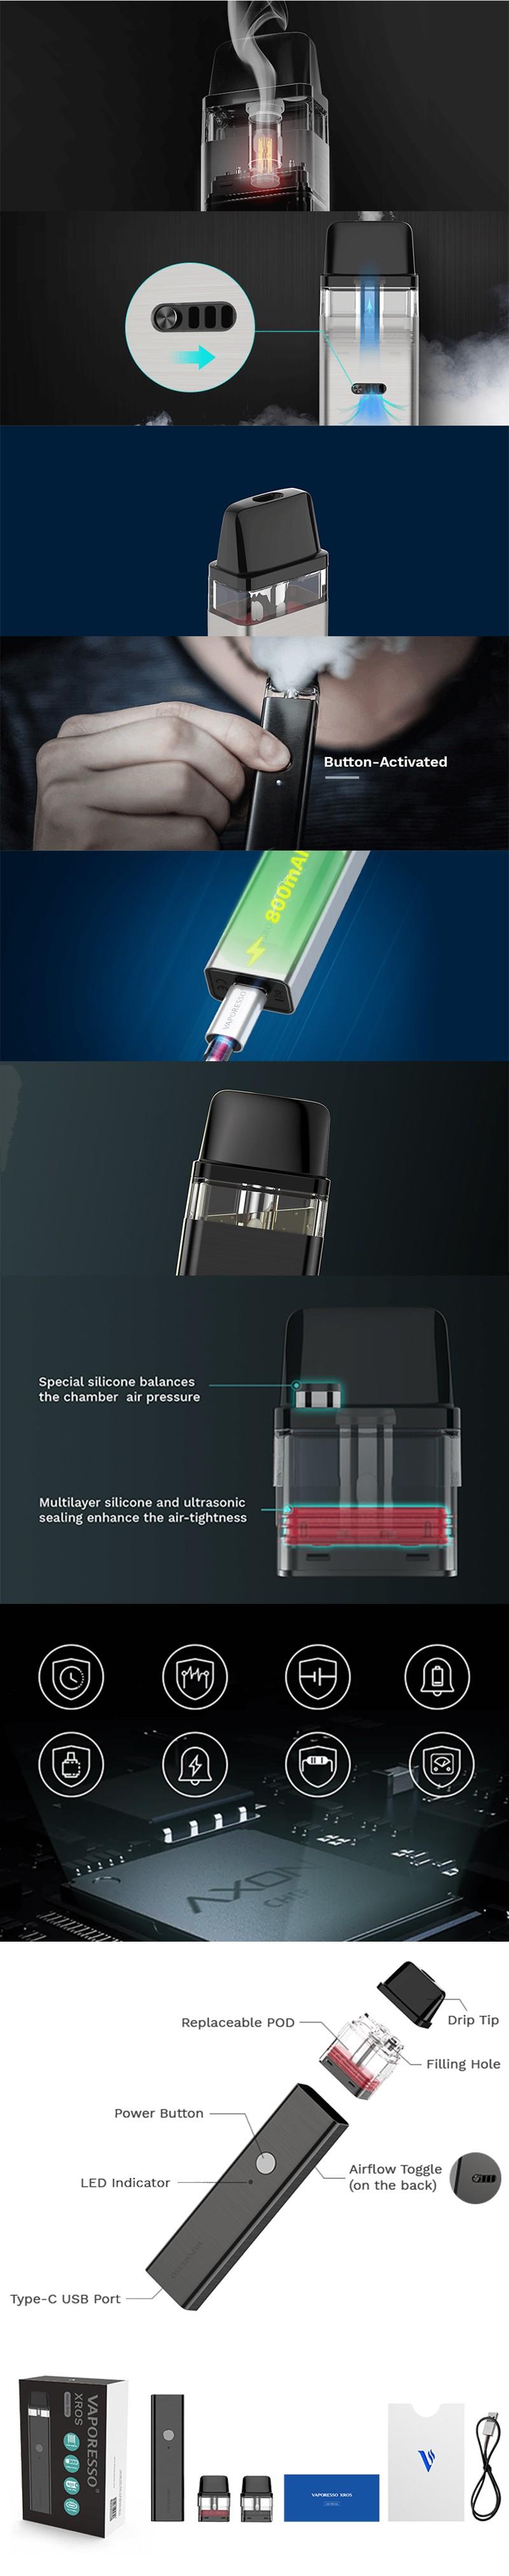 Vaporesso XROS Pod System